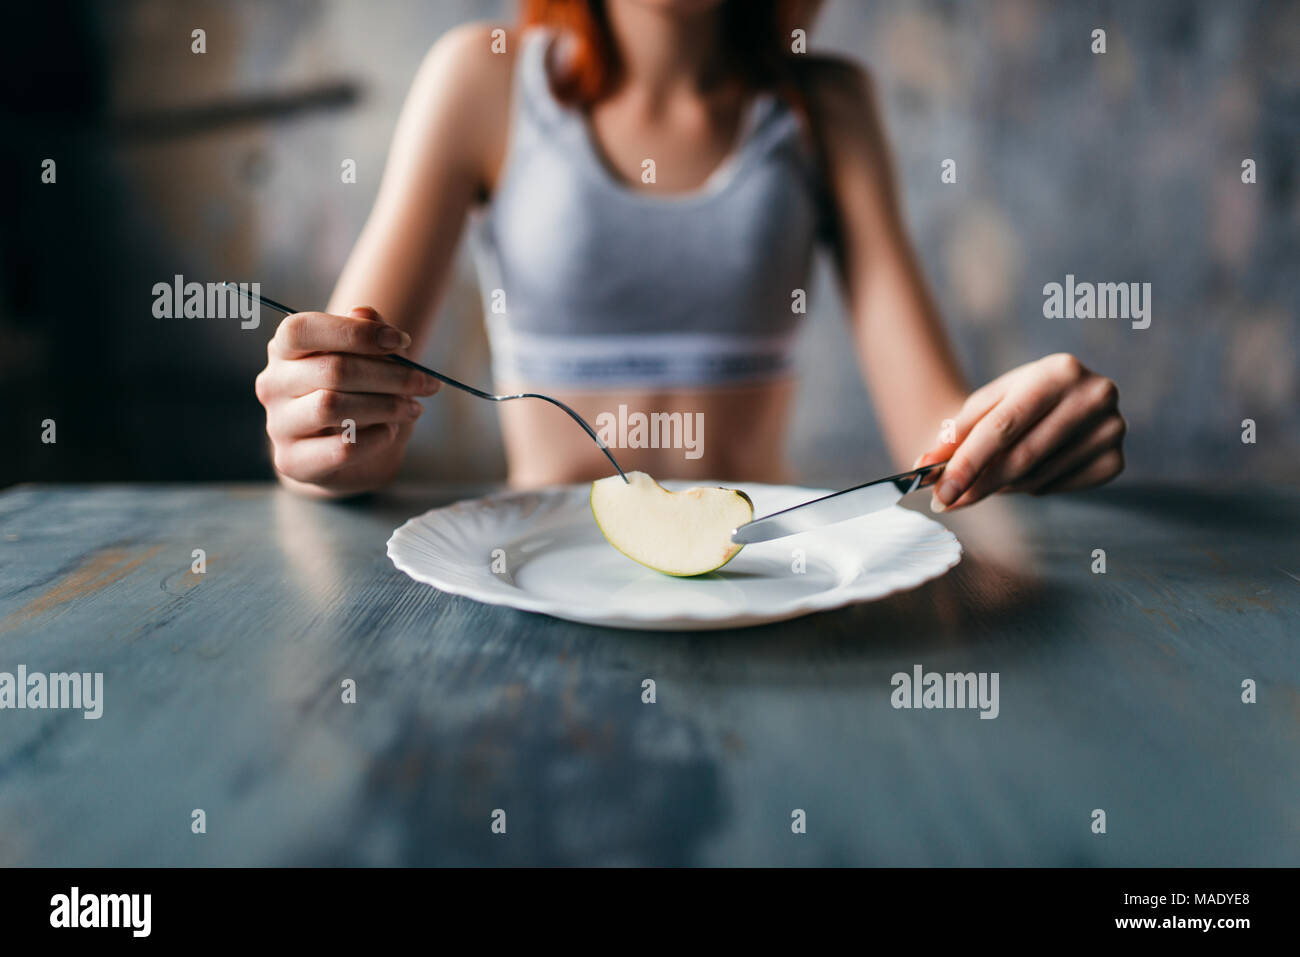 Persona di sesso femminile contro la piastra con una fetta di Apple Immagini Stock